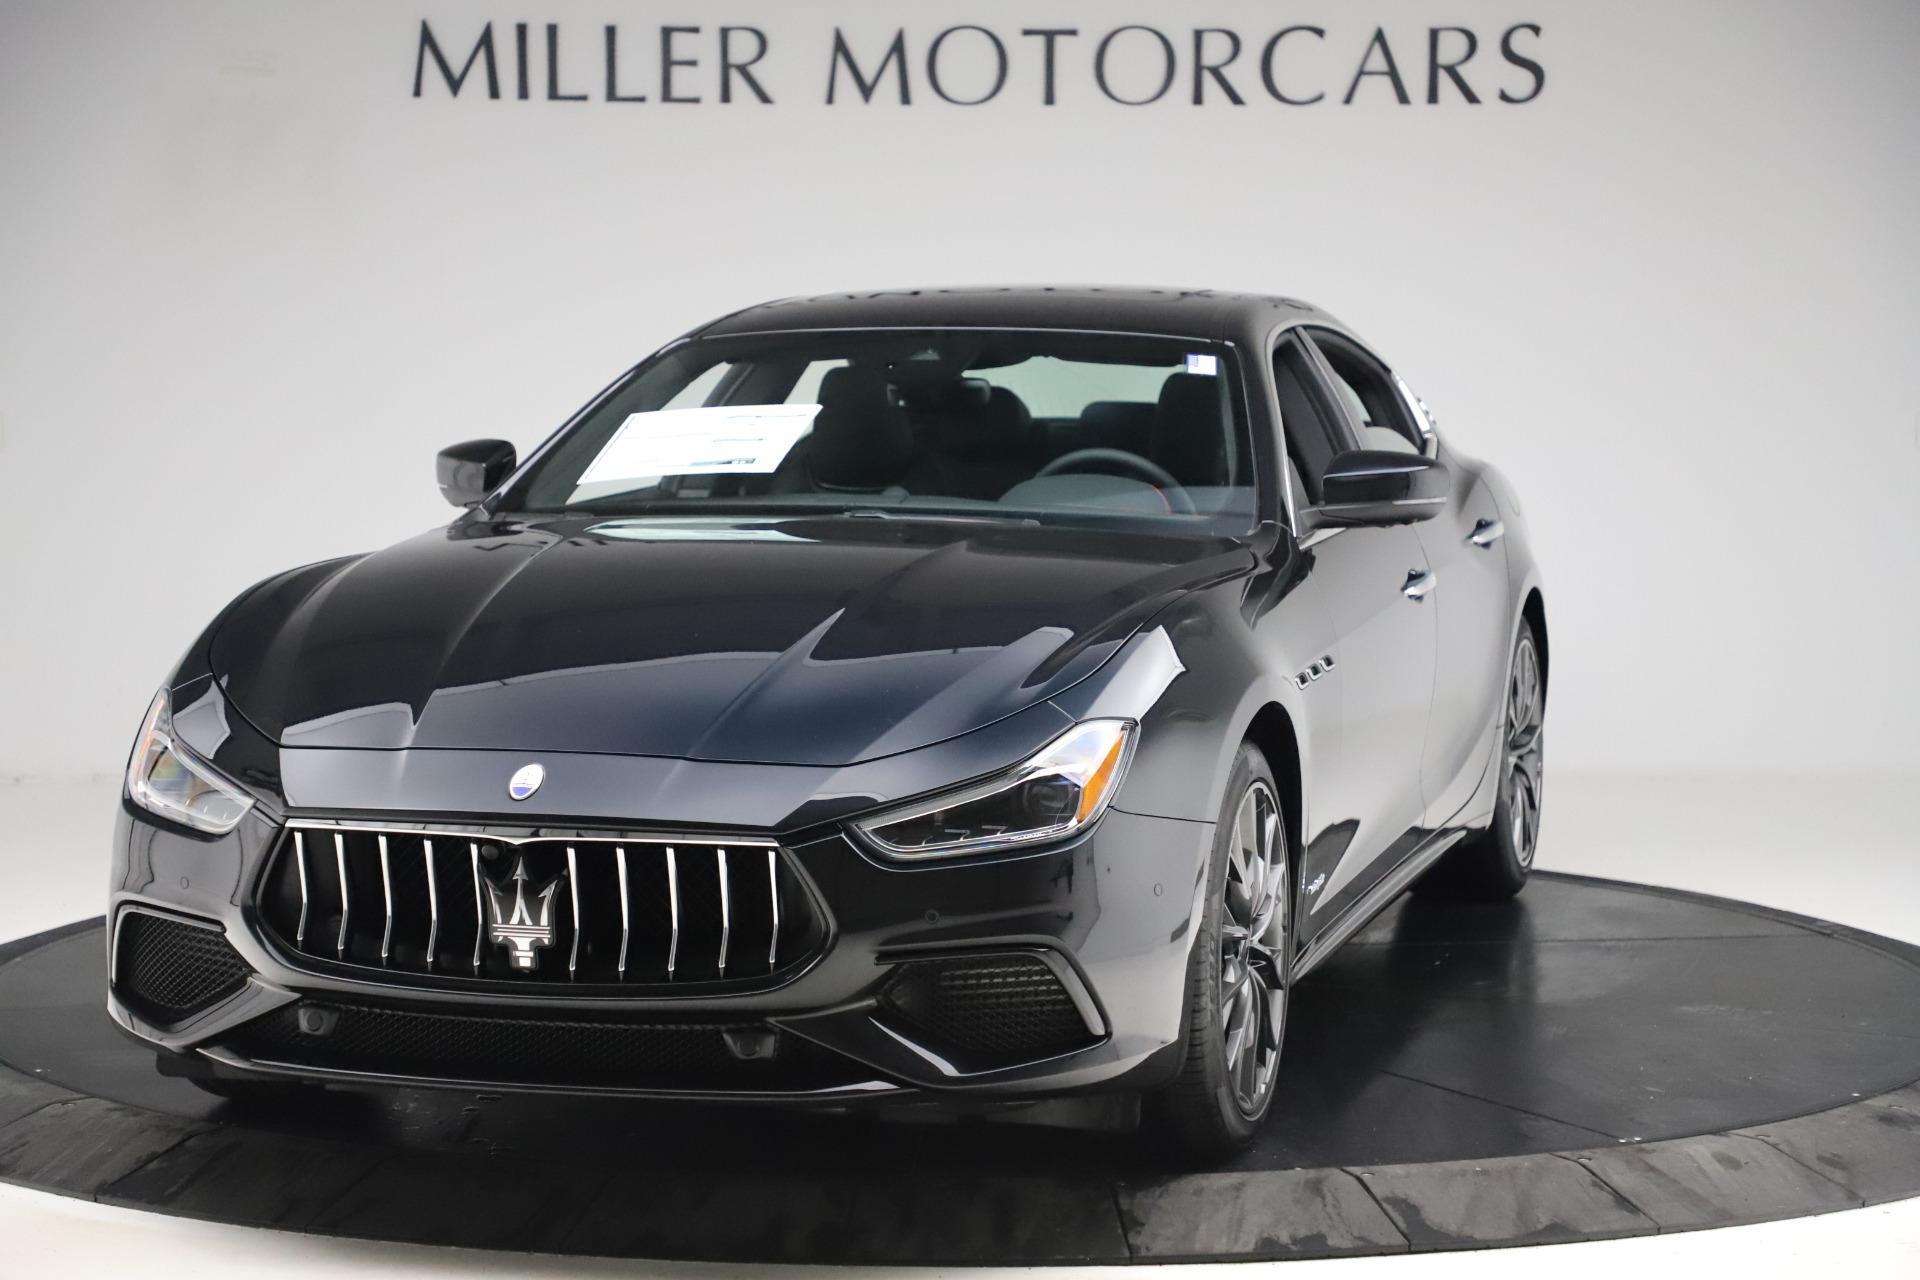 New 2019 Maserati Ghibli S Q4 GranSport for sale $99,905 at Alfa Romeo of Westport in Westport CT 06880 1